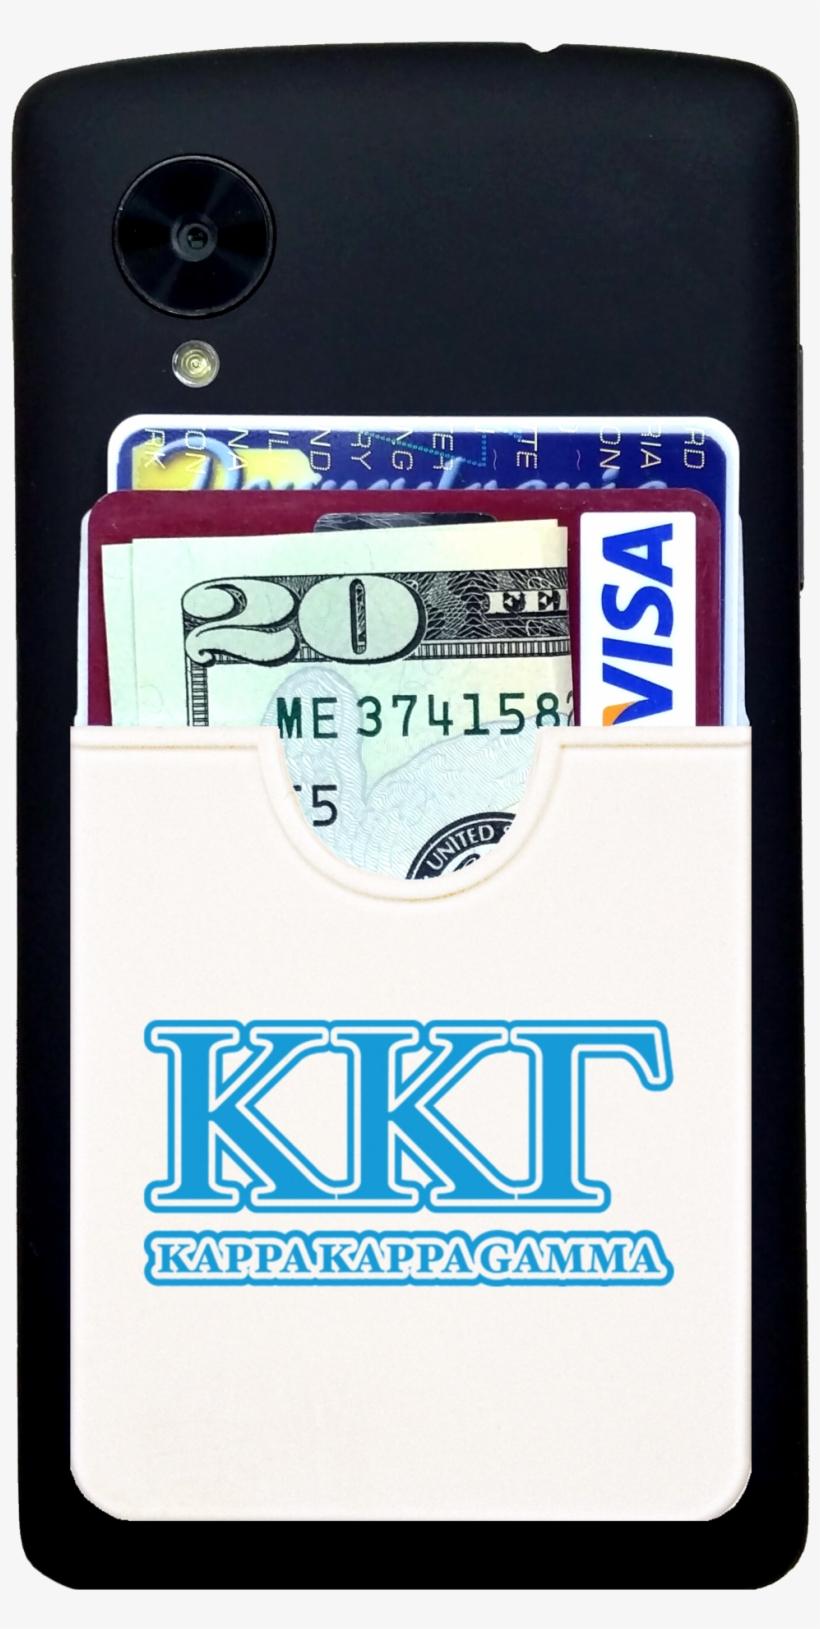 Kappa Kappa Gamma - 20 Dollar Bill, transparent png #1918918